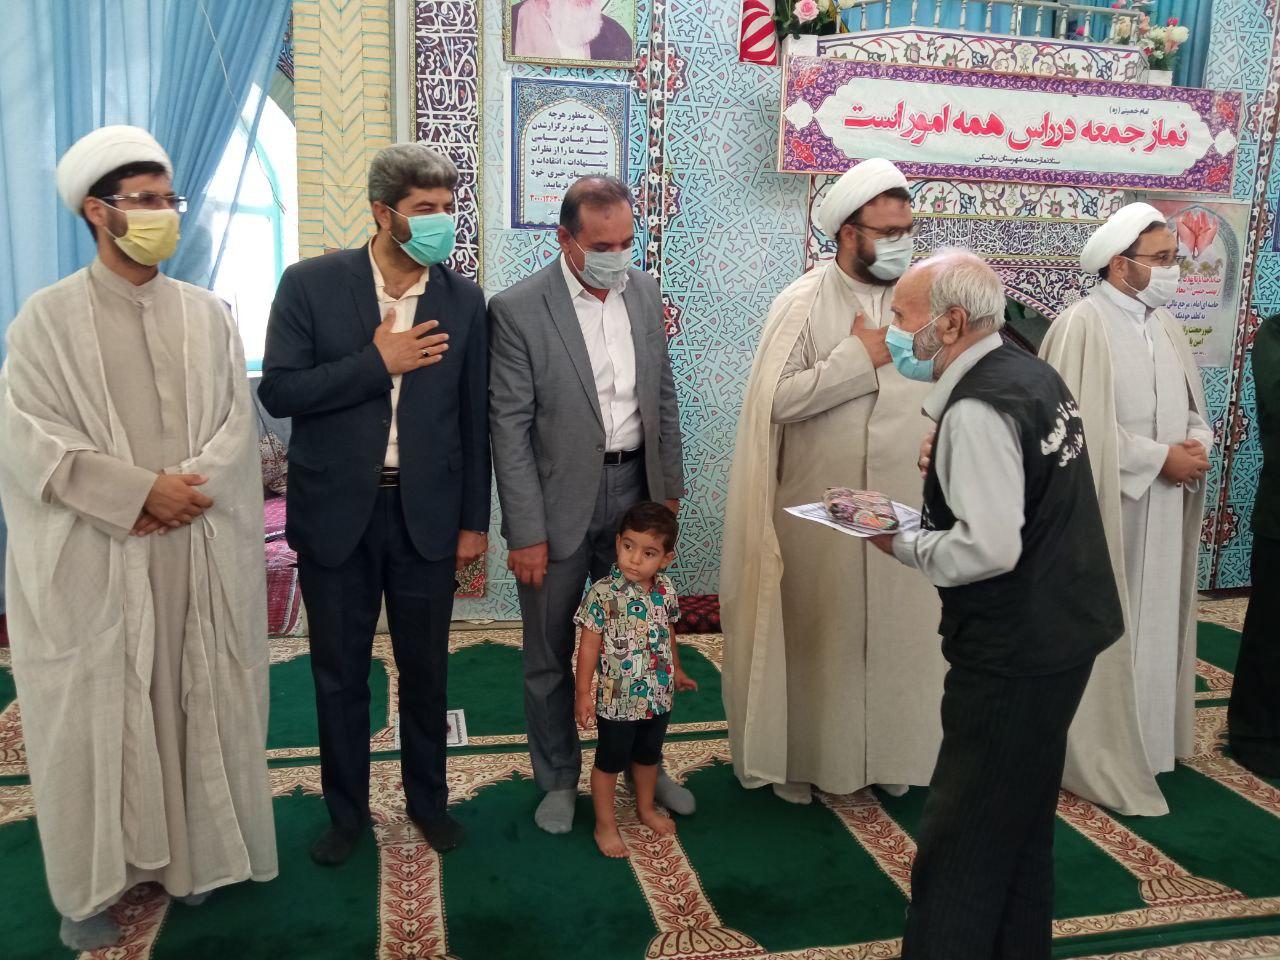 تجلیل از خادمین به نماز جمعه در بردسکن